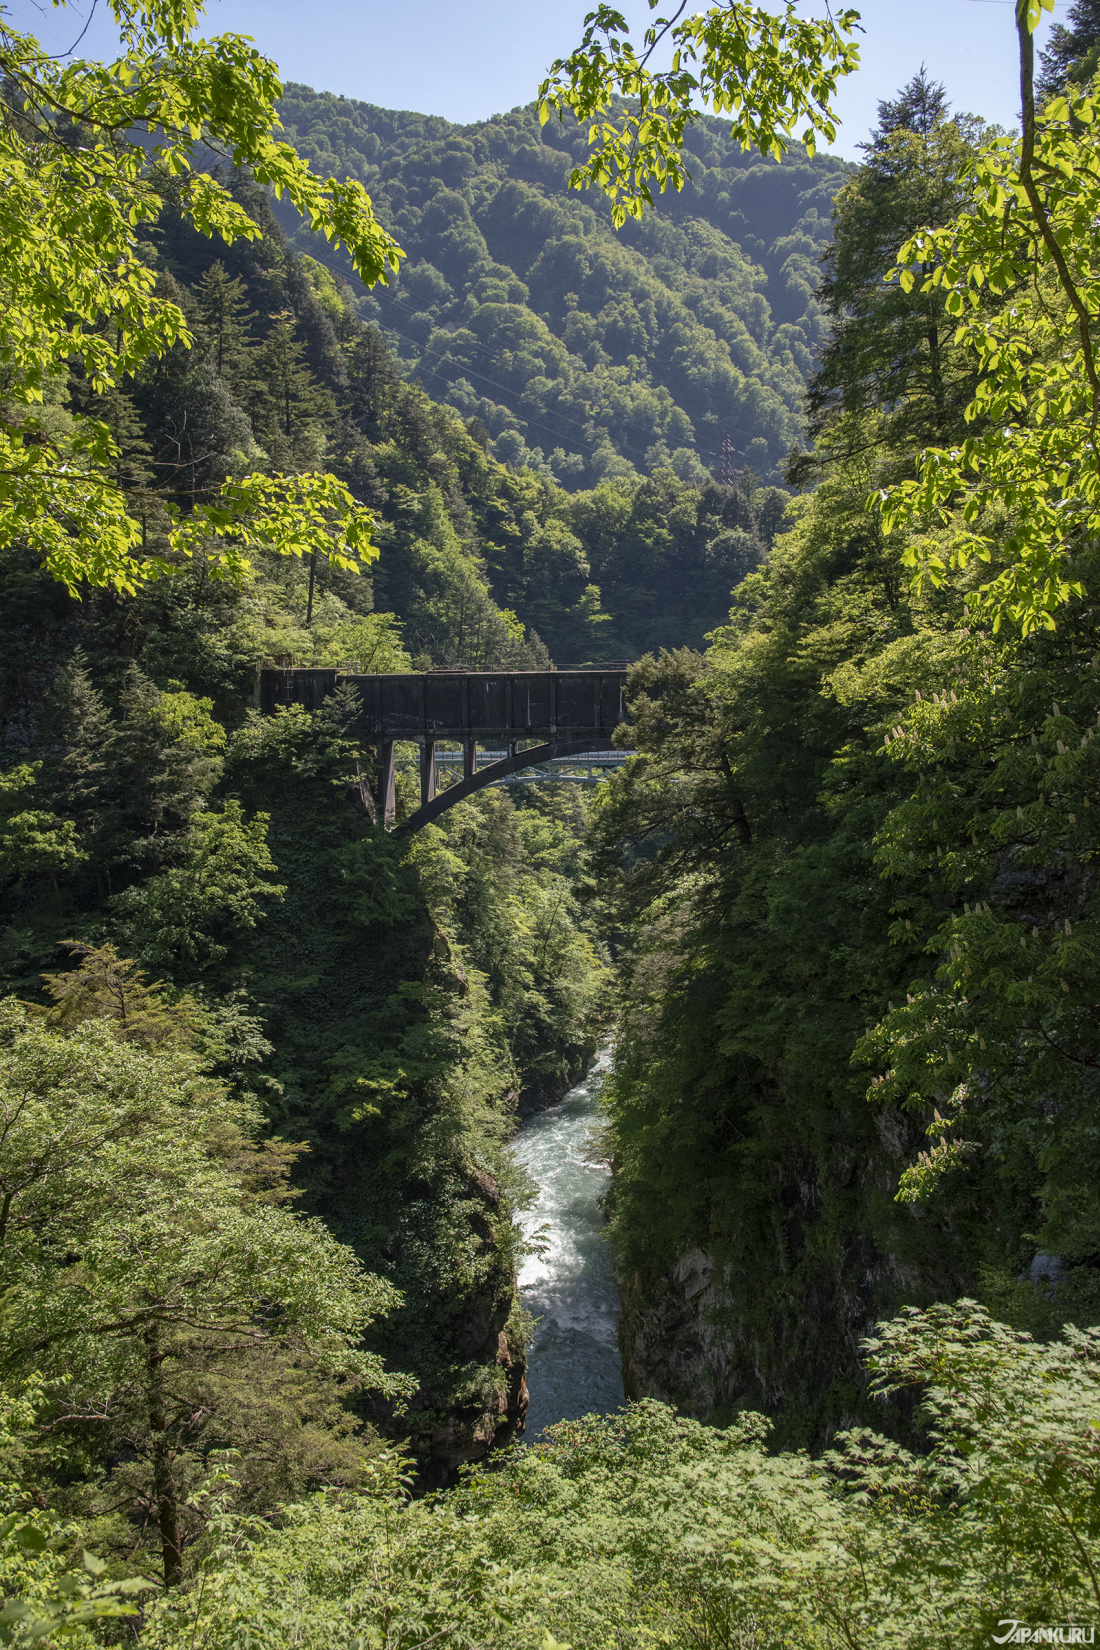 깊~은 골짜기에 걸린 아토비키 다리(後曳橋)